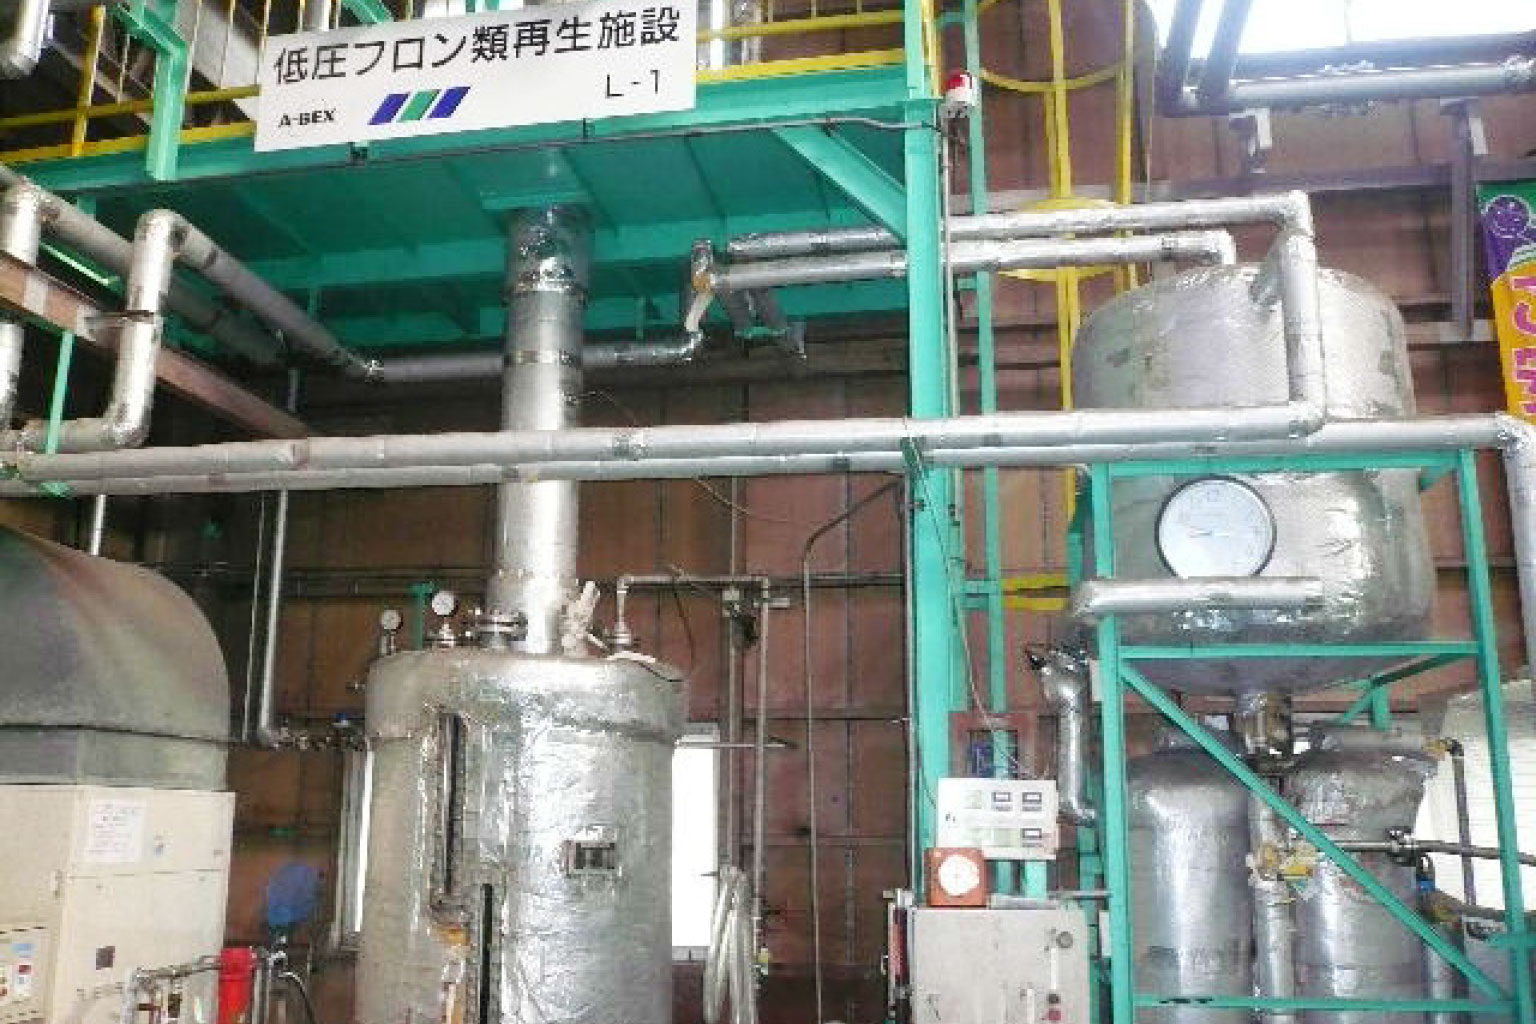 低圧フロン再生プラント(L-1)